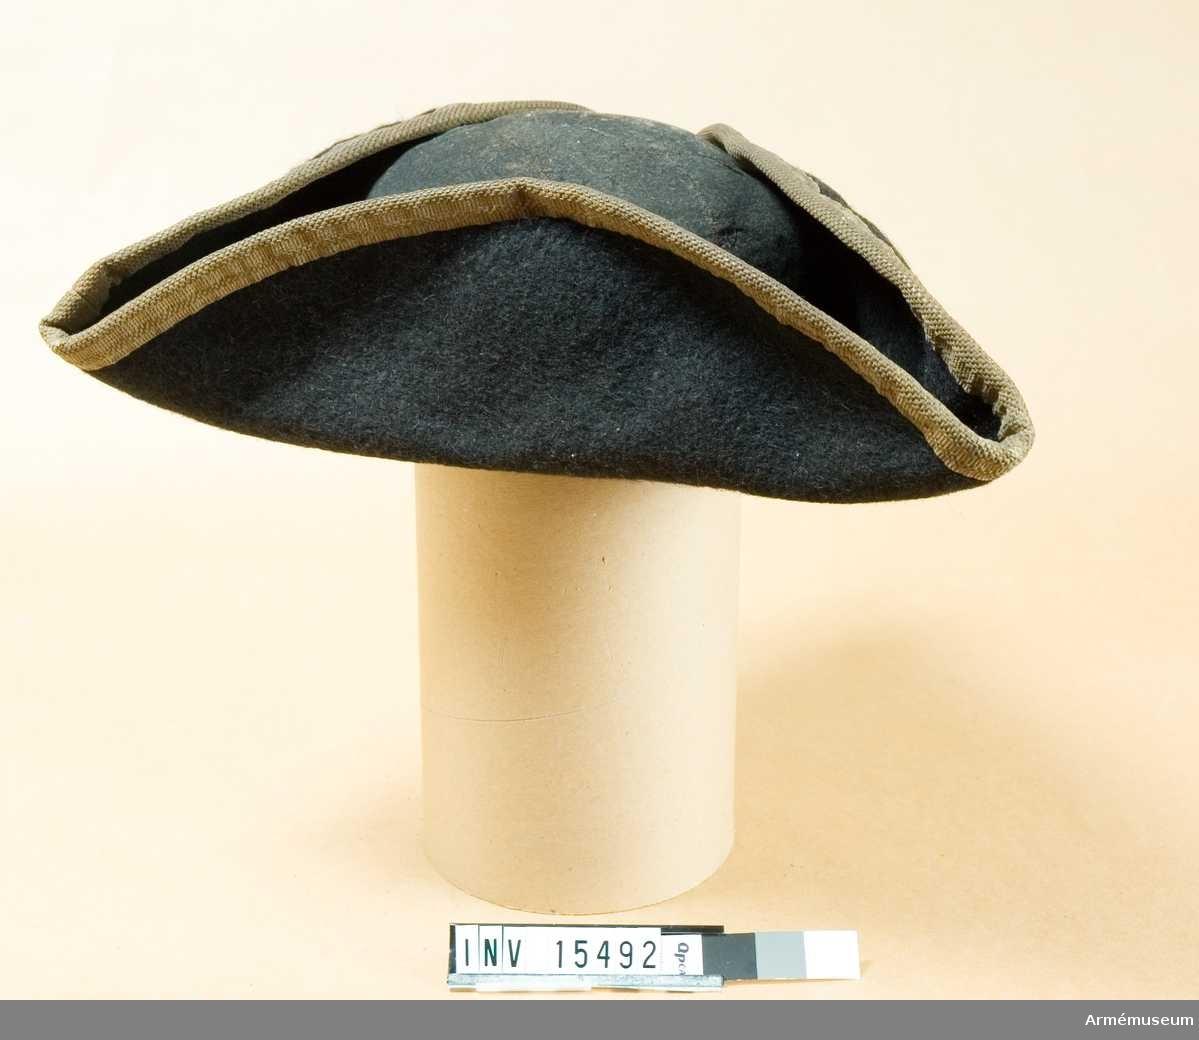 Grupp C I. Trekantigt uppviken hatt av svart filt med vitt ylleband i kanten. Köp 1884.